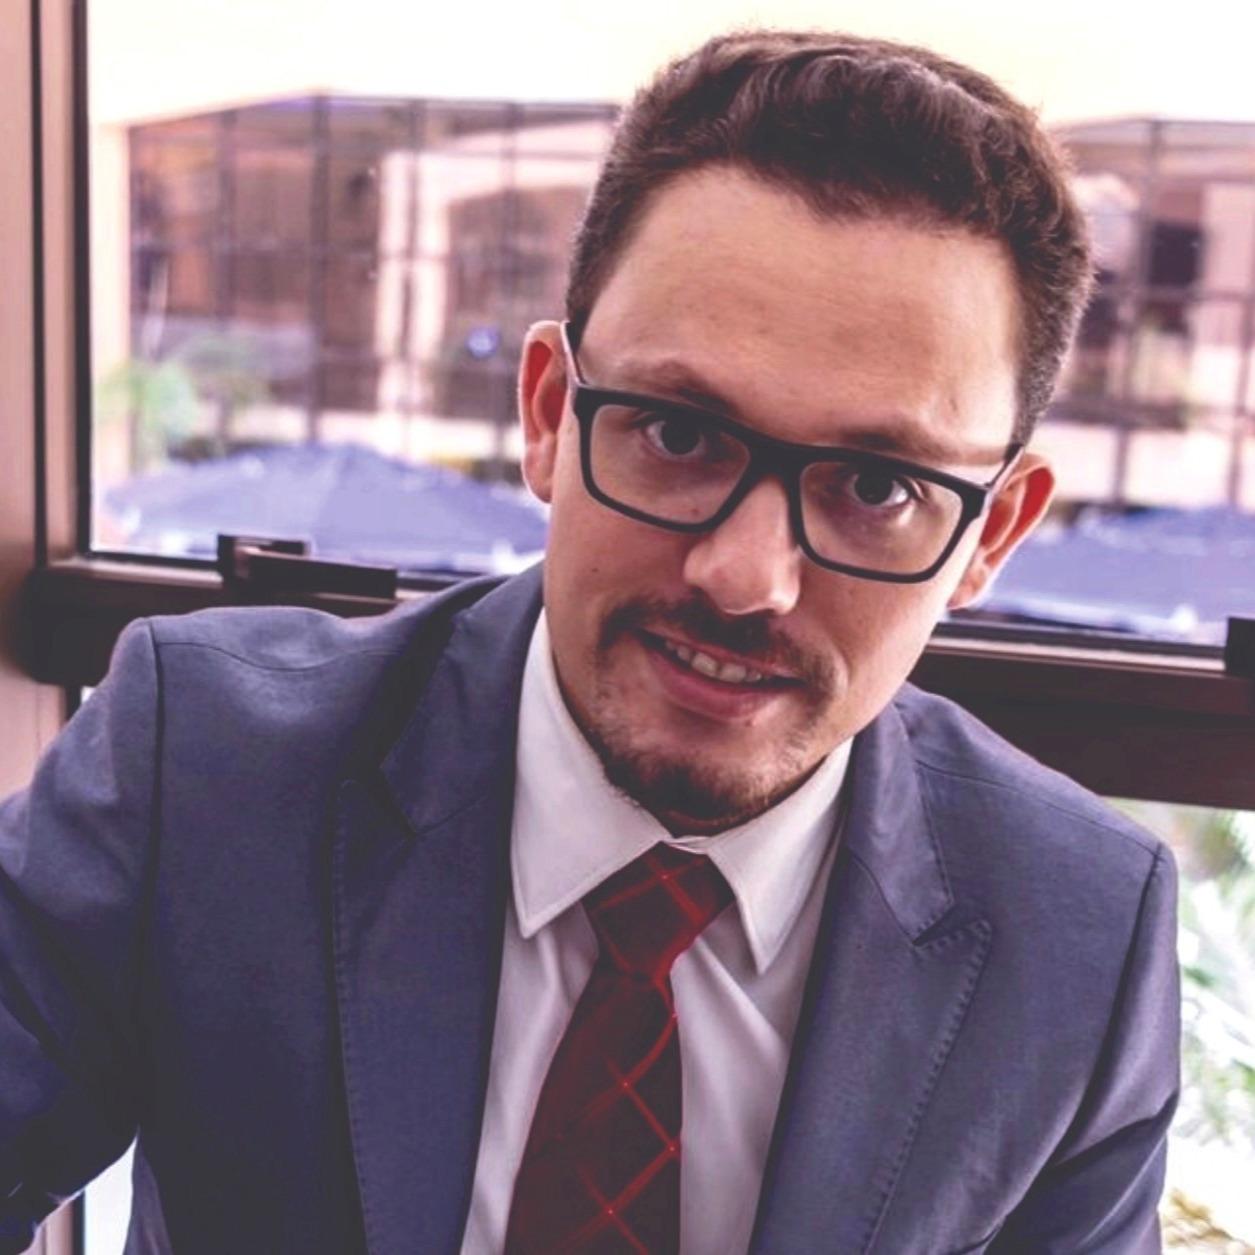 Dr. Everson Salem